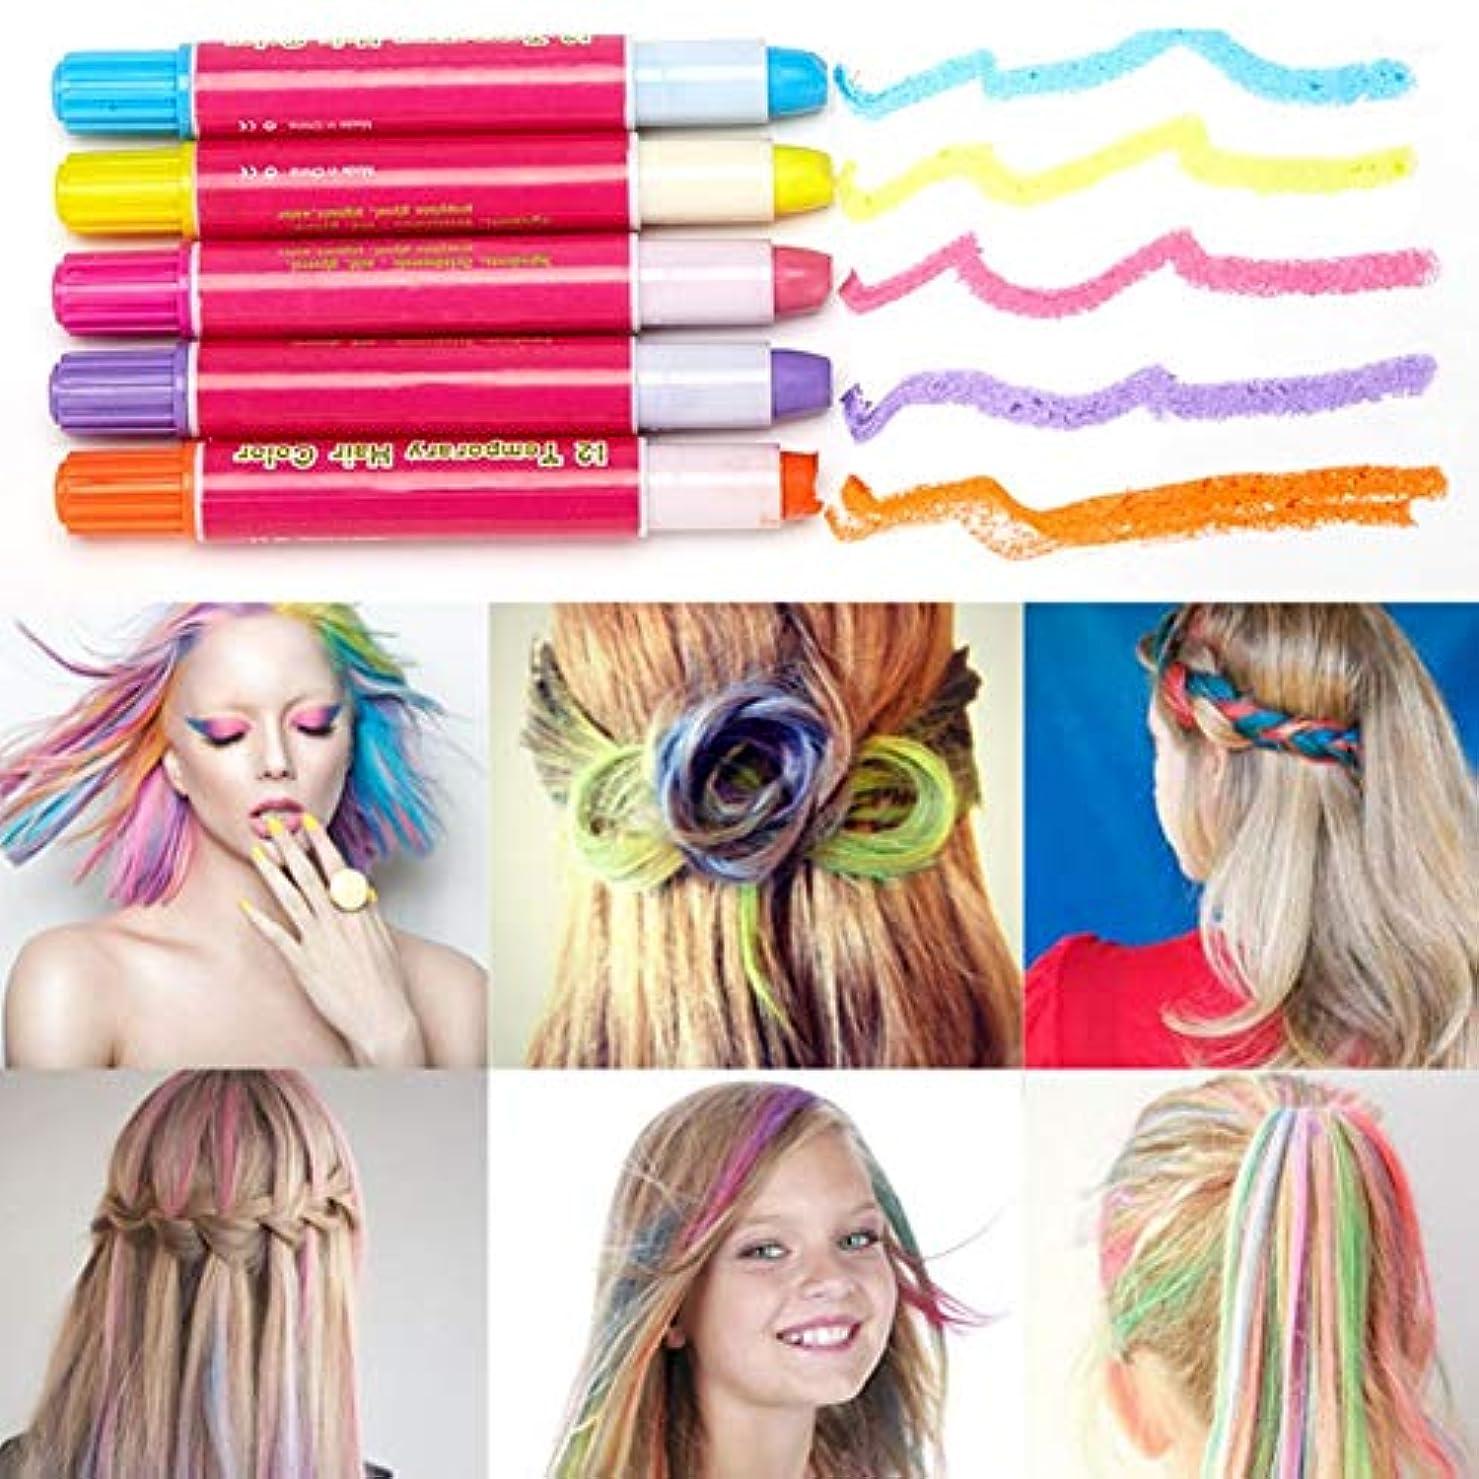 熟読モンキー置くためにパックヘアチョーク ヘアチョークペン おしゃれ染め 一時的の髪染め簡易髪染 スティック ヘアダイペン 12色 クレヨンセット Cutelove